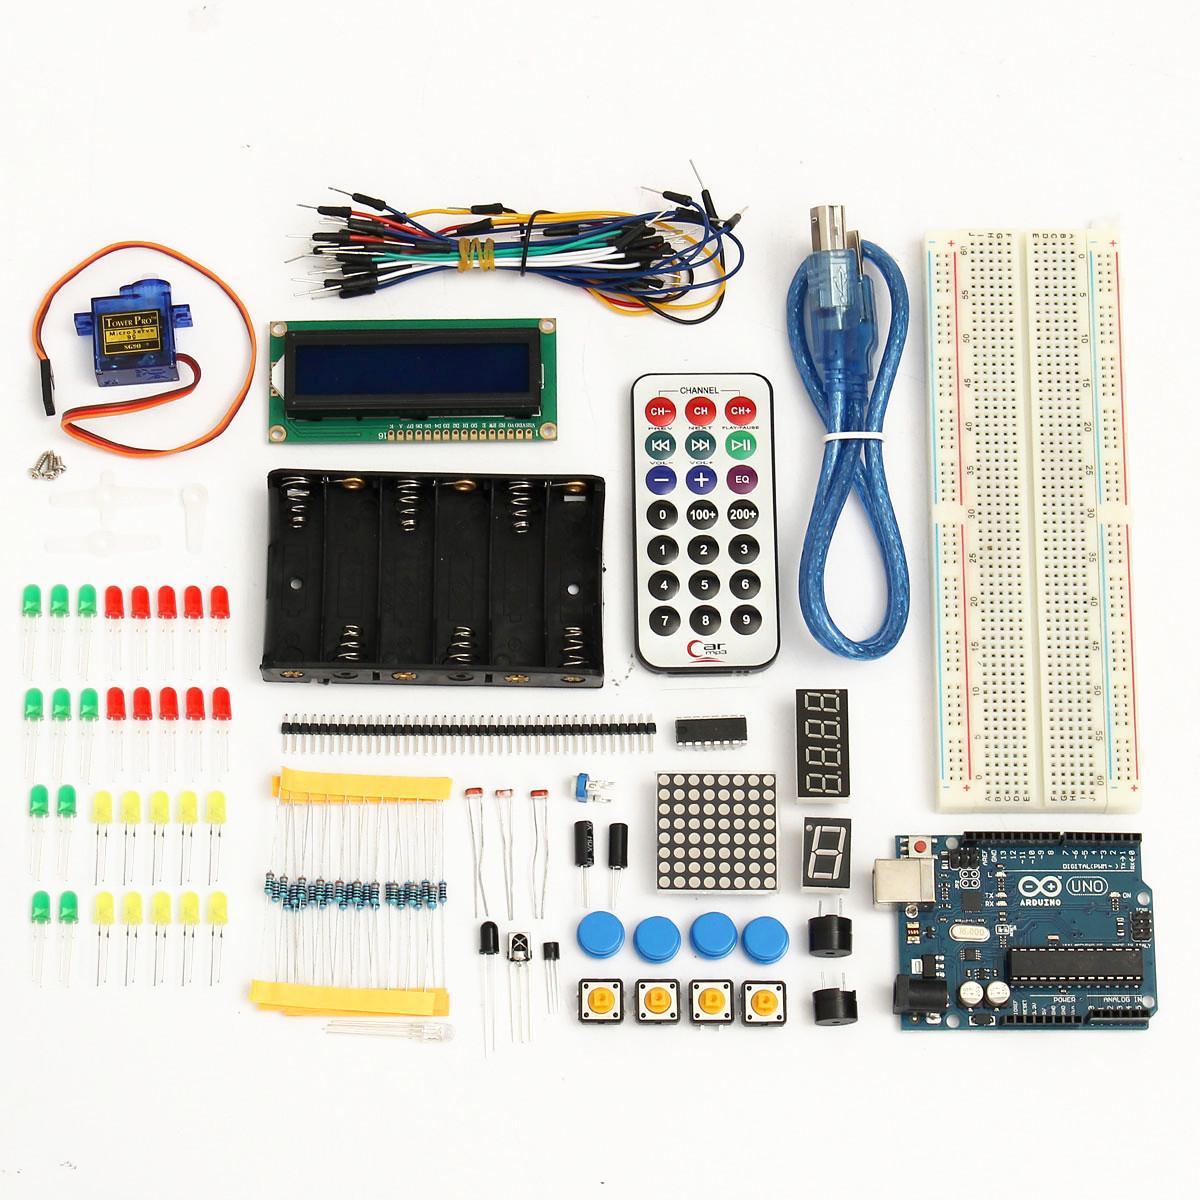 Buy Basic Starter Learning Kit UNO R3 1602LCD Sensor Breadboard For Arduino